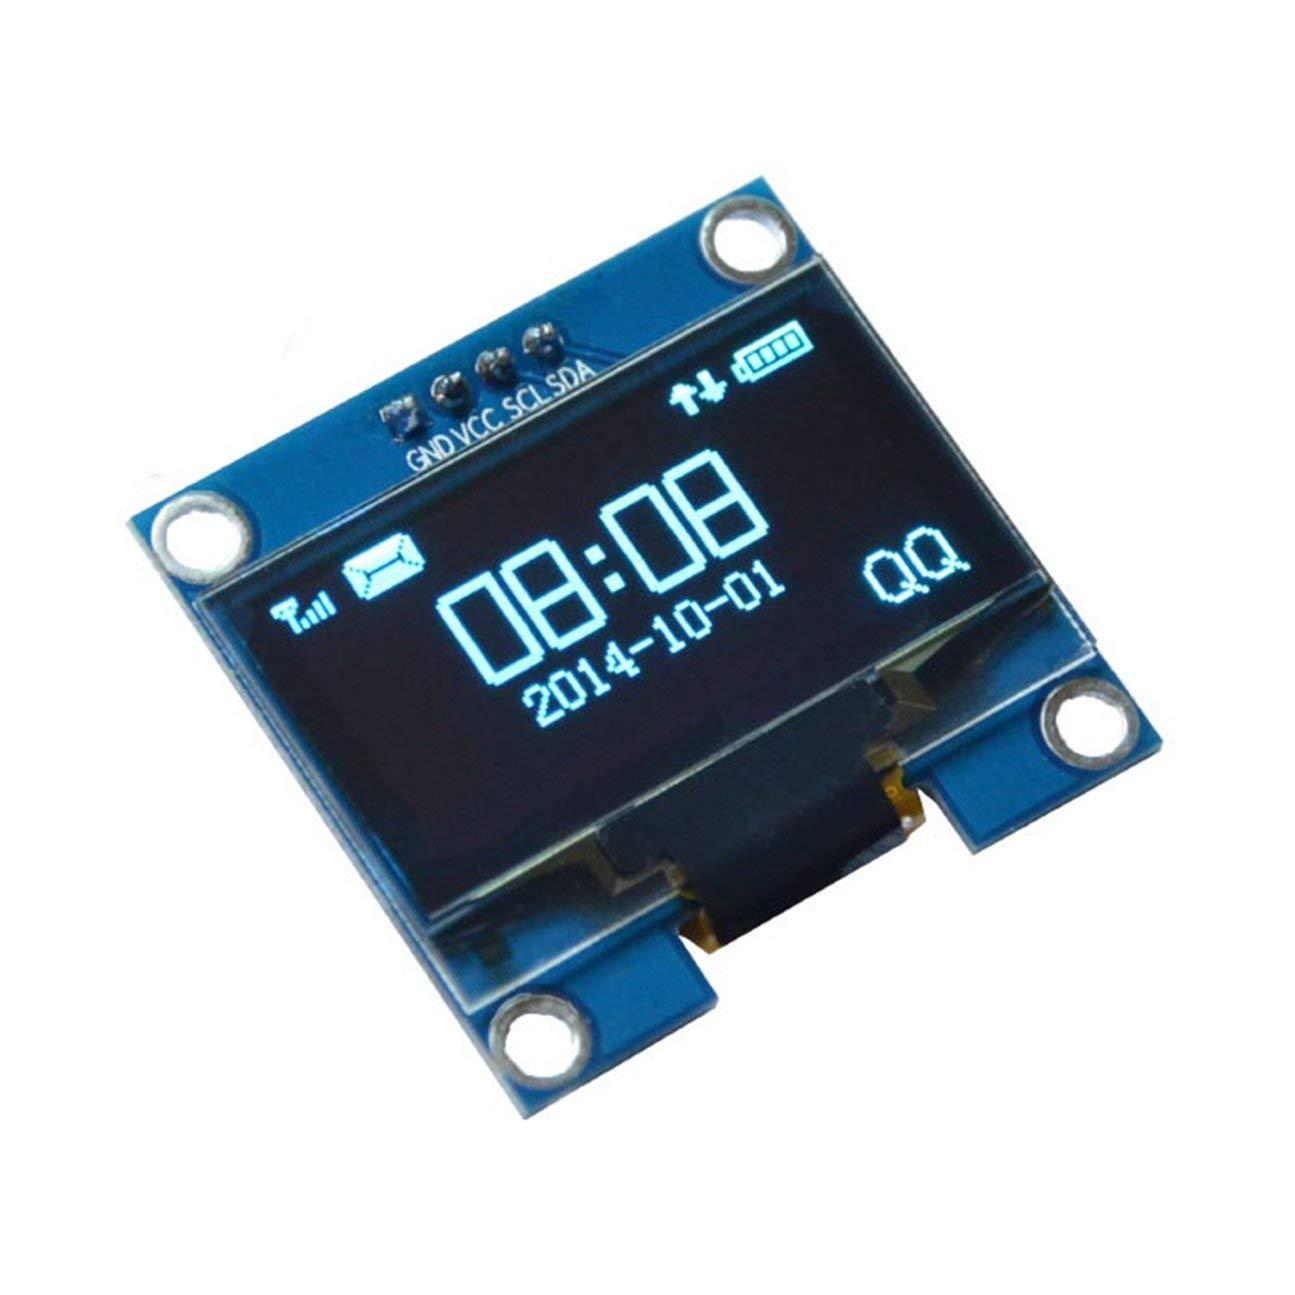 Module d'affichage à LED LCD SH1106 pour ILC série 128X64 OLED de 1,3 pouce 4 IIC IIC pour Arduino 51 MSP420 STIM32 SCR SPI OLED Affichage Bleu MachinYesell